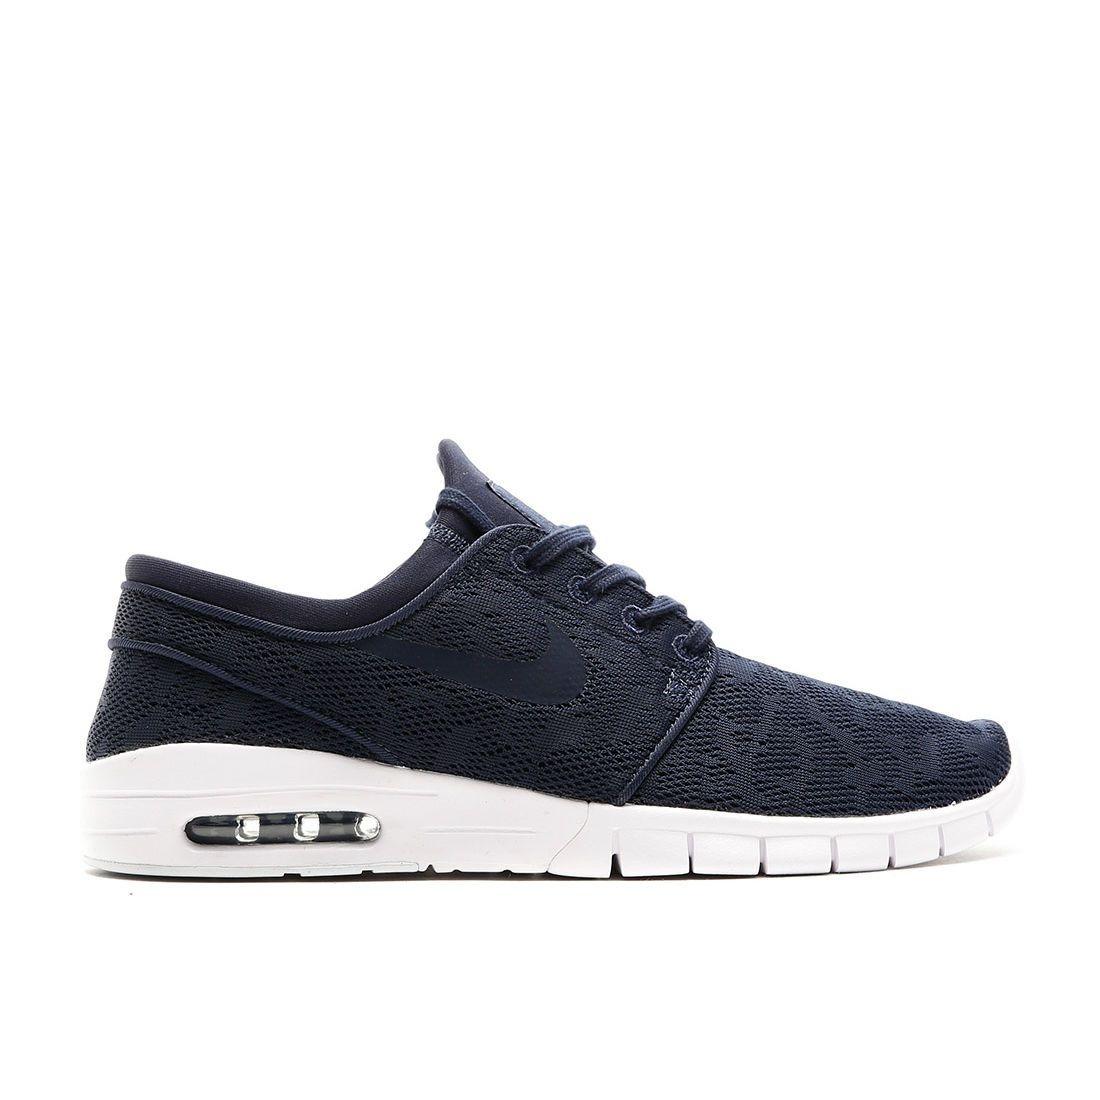 2de6554a6d0e1 zapatillas nike sb janoski max nuevo original azul marino. Cargando zoom.